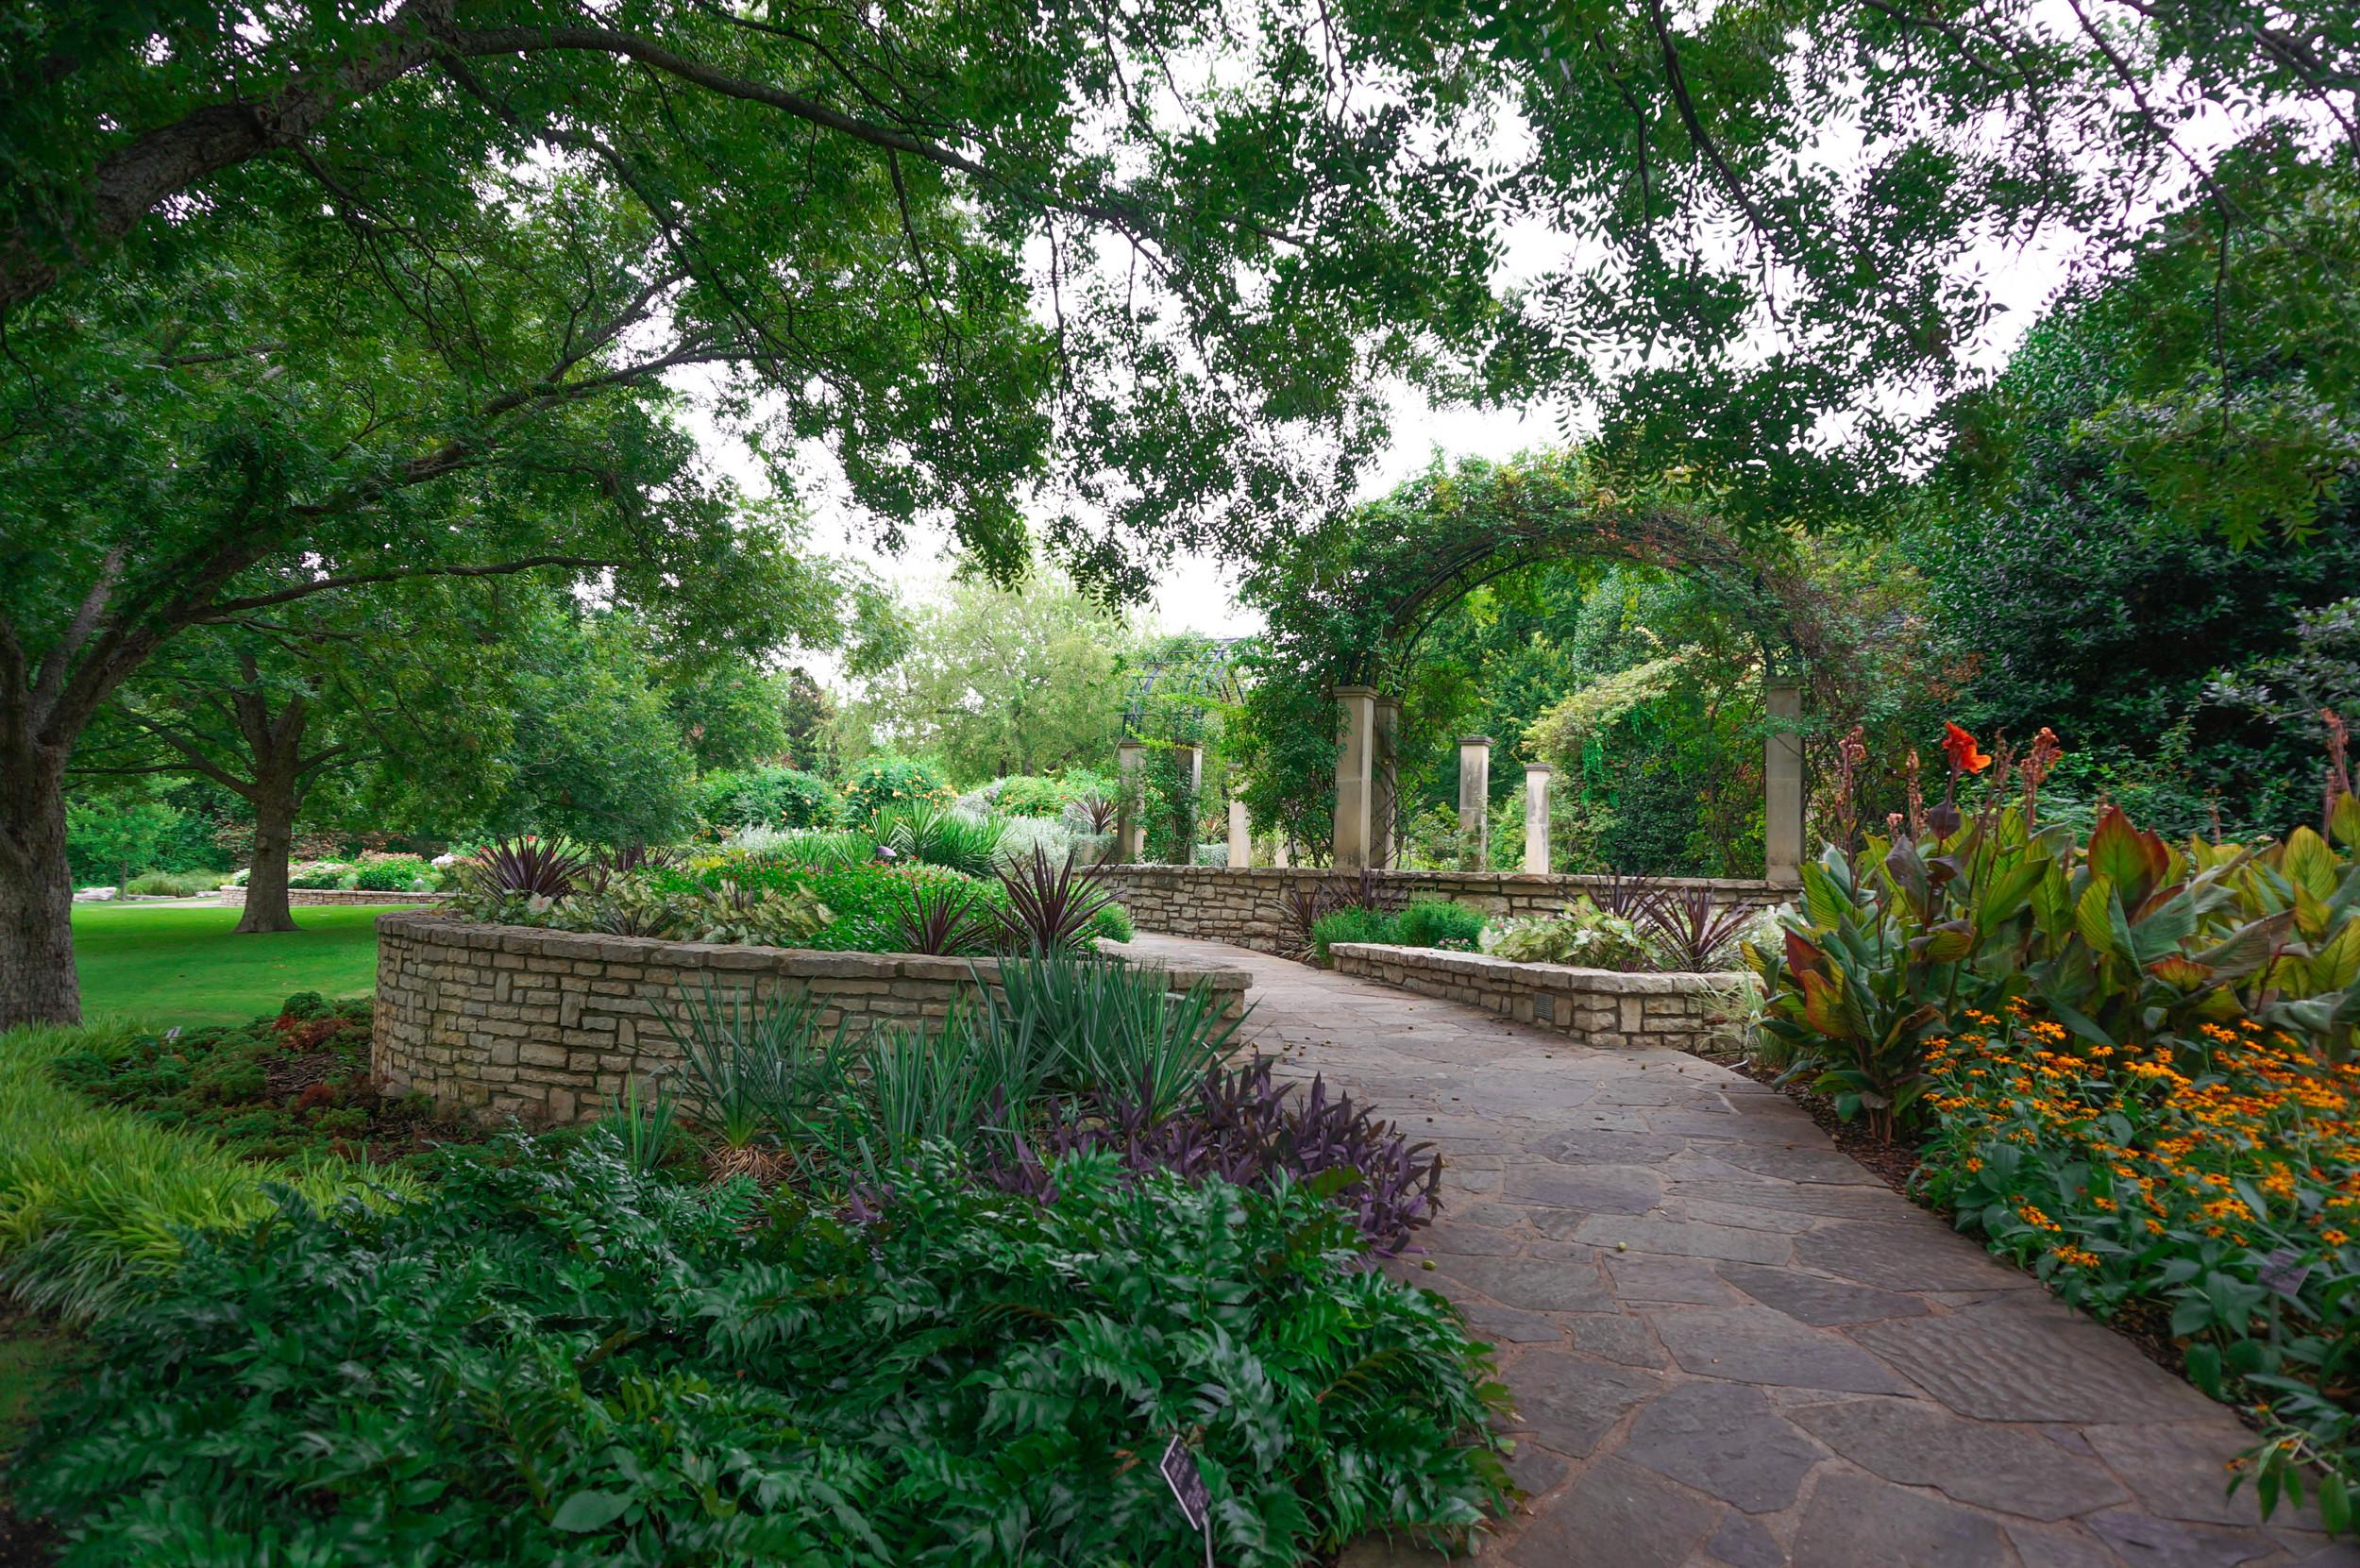 Fuller Garden Fort Worth Botanic Garden